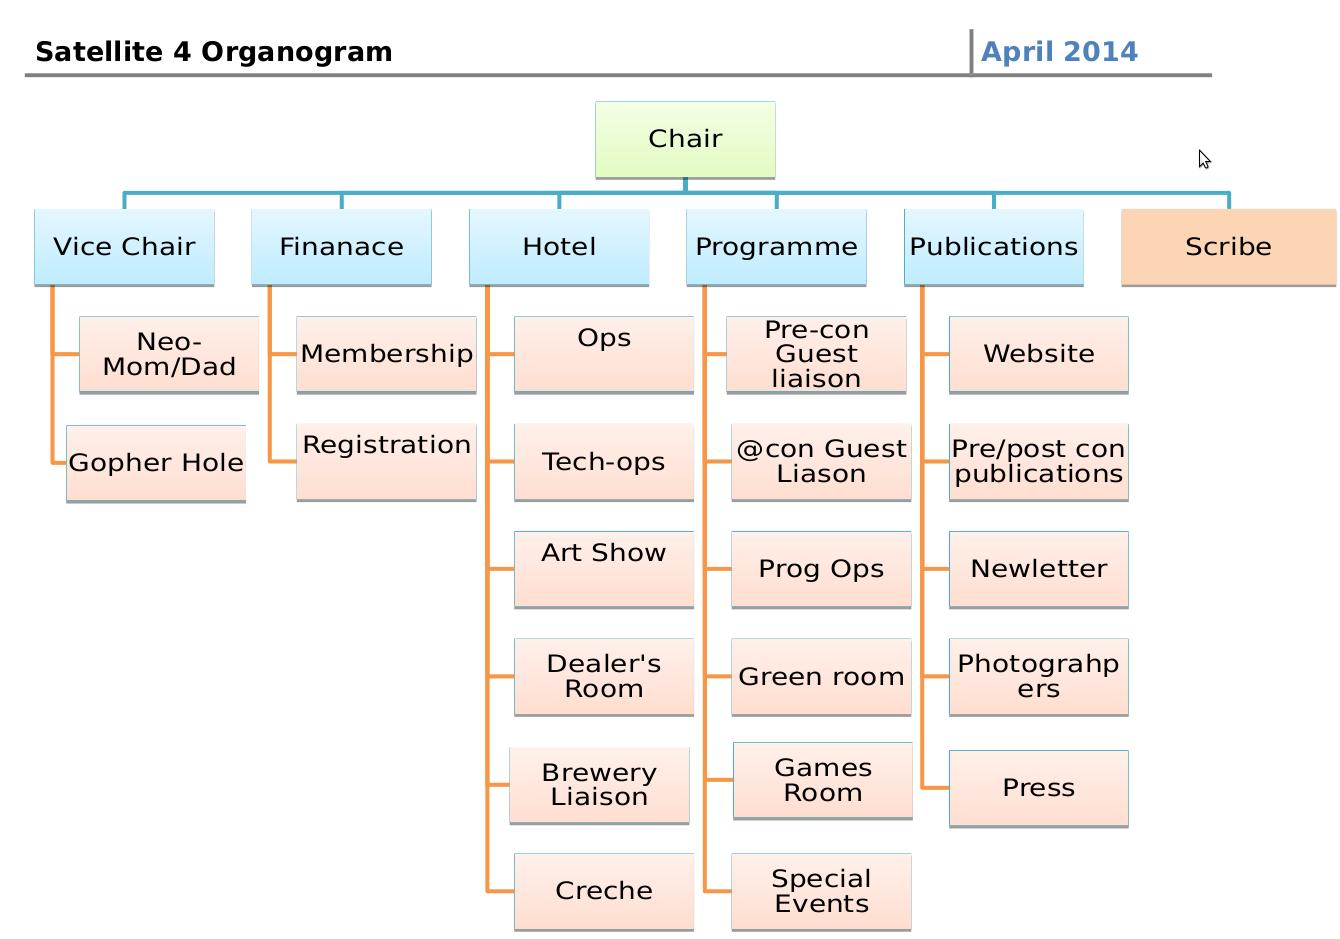 Satellite4 organogram